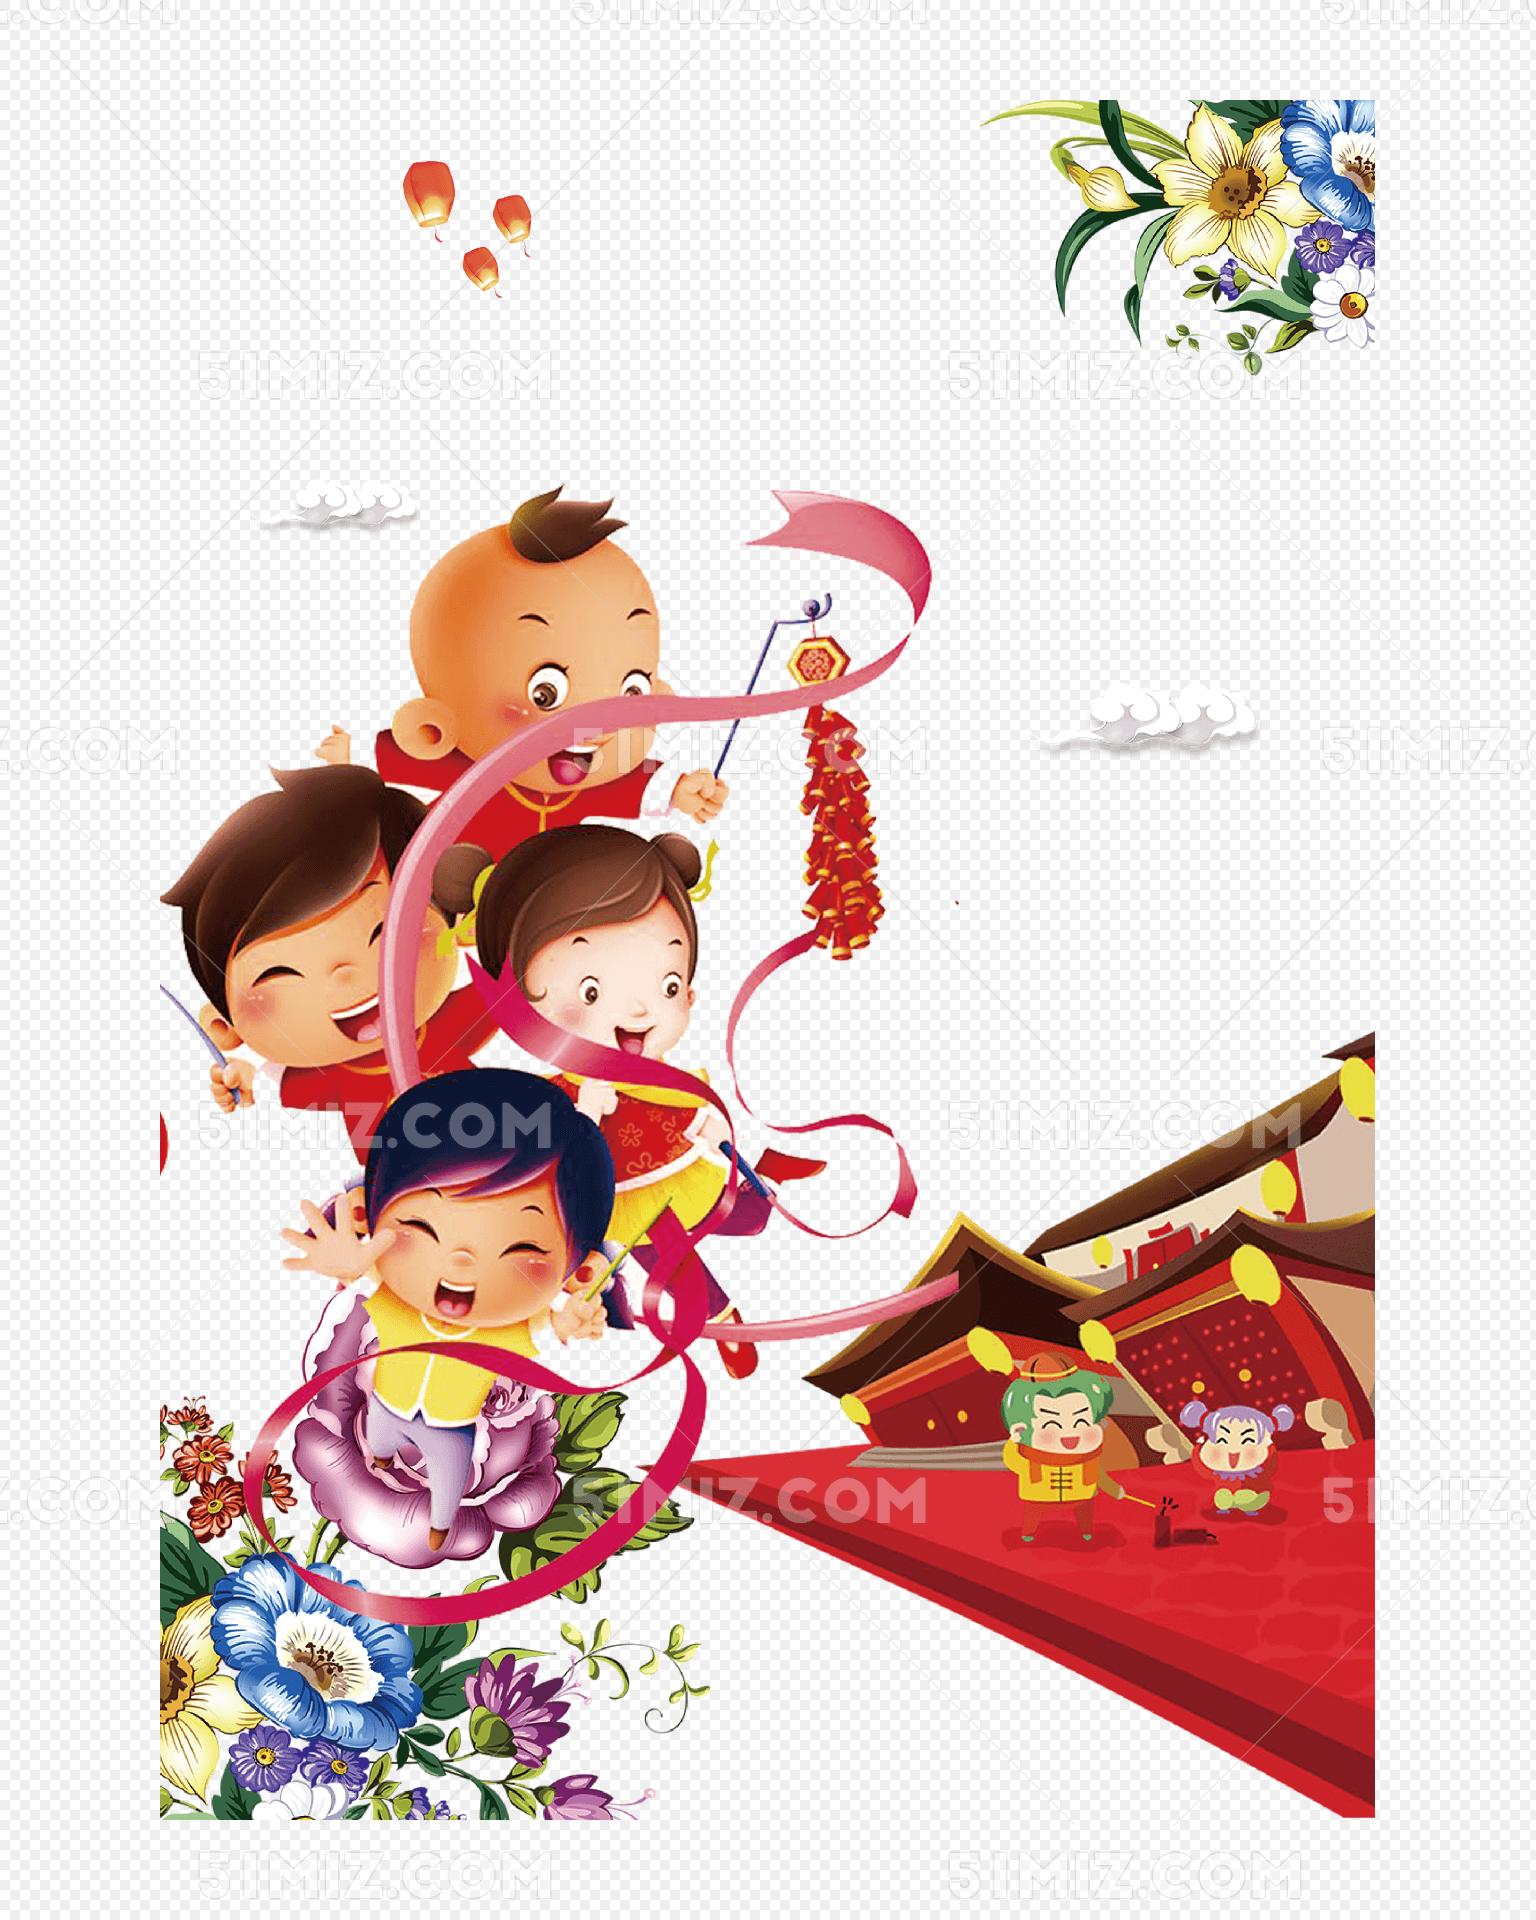 春节喜庆人物背景矢量图